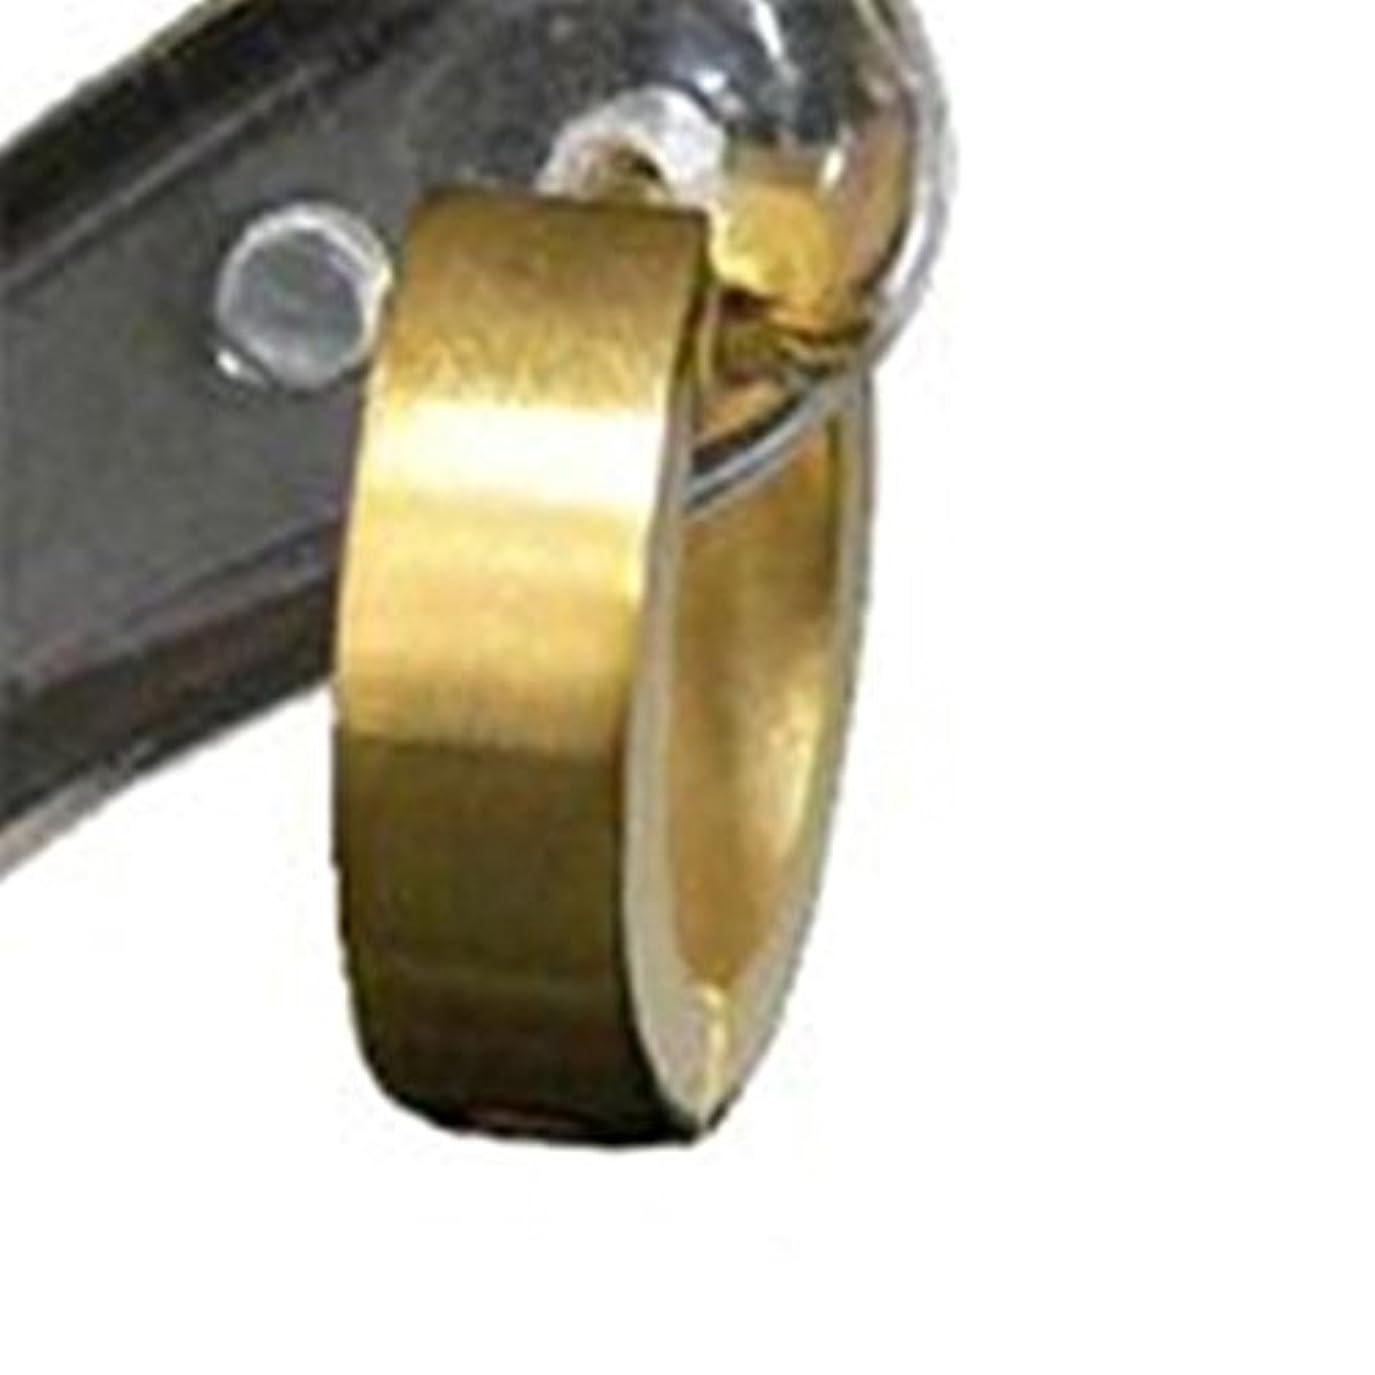 出来事木材付録ピアス メンズ sp47 最安1個売り 新色ゴールド 最高級ステンレスピアス デザイン